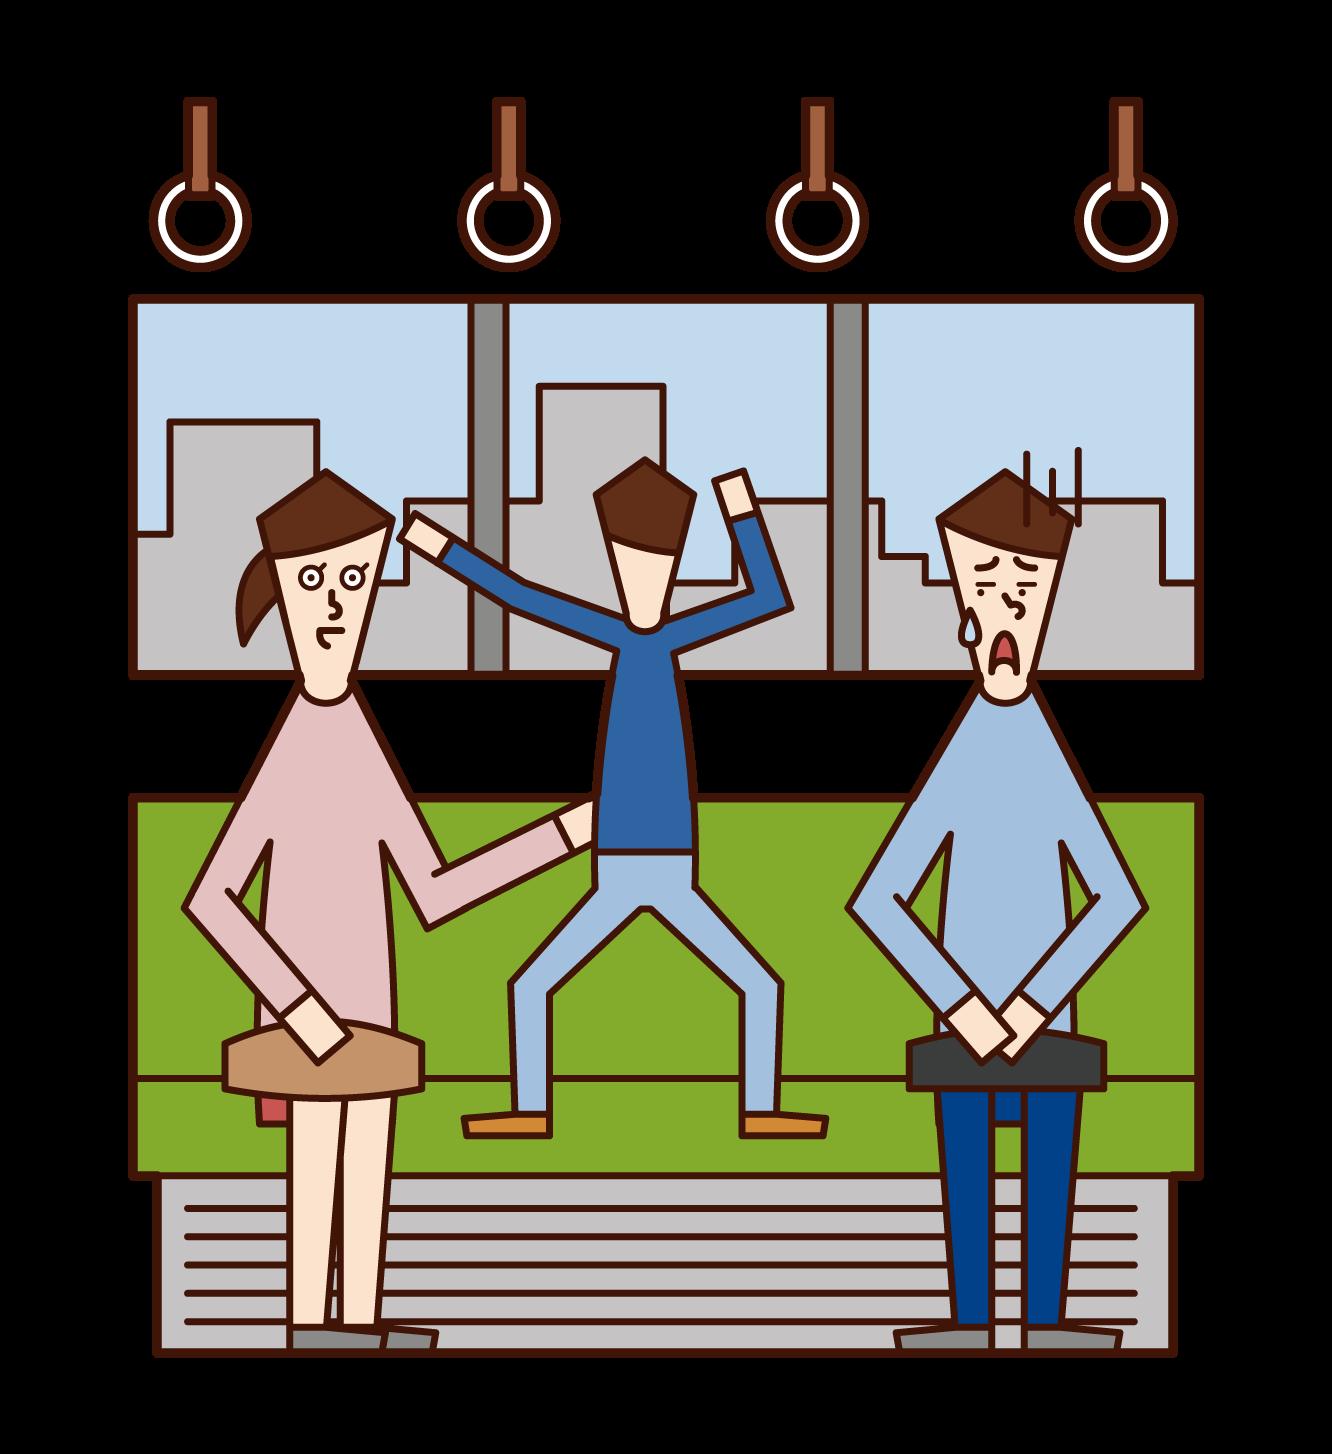 在火車上玩耍的孩子(男孩)的插圖